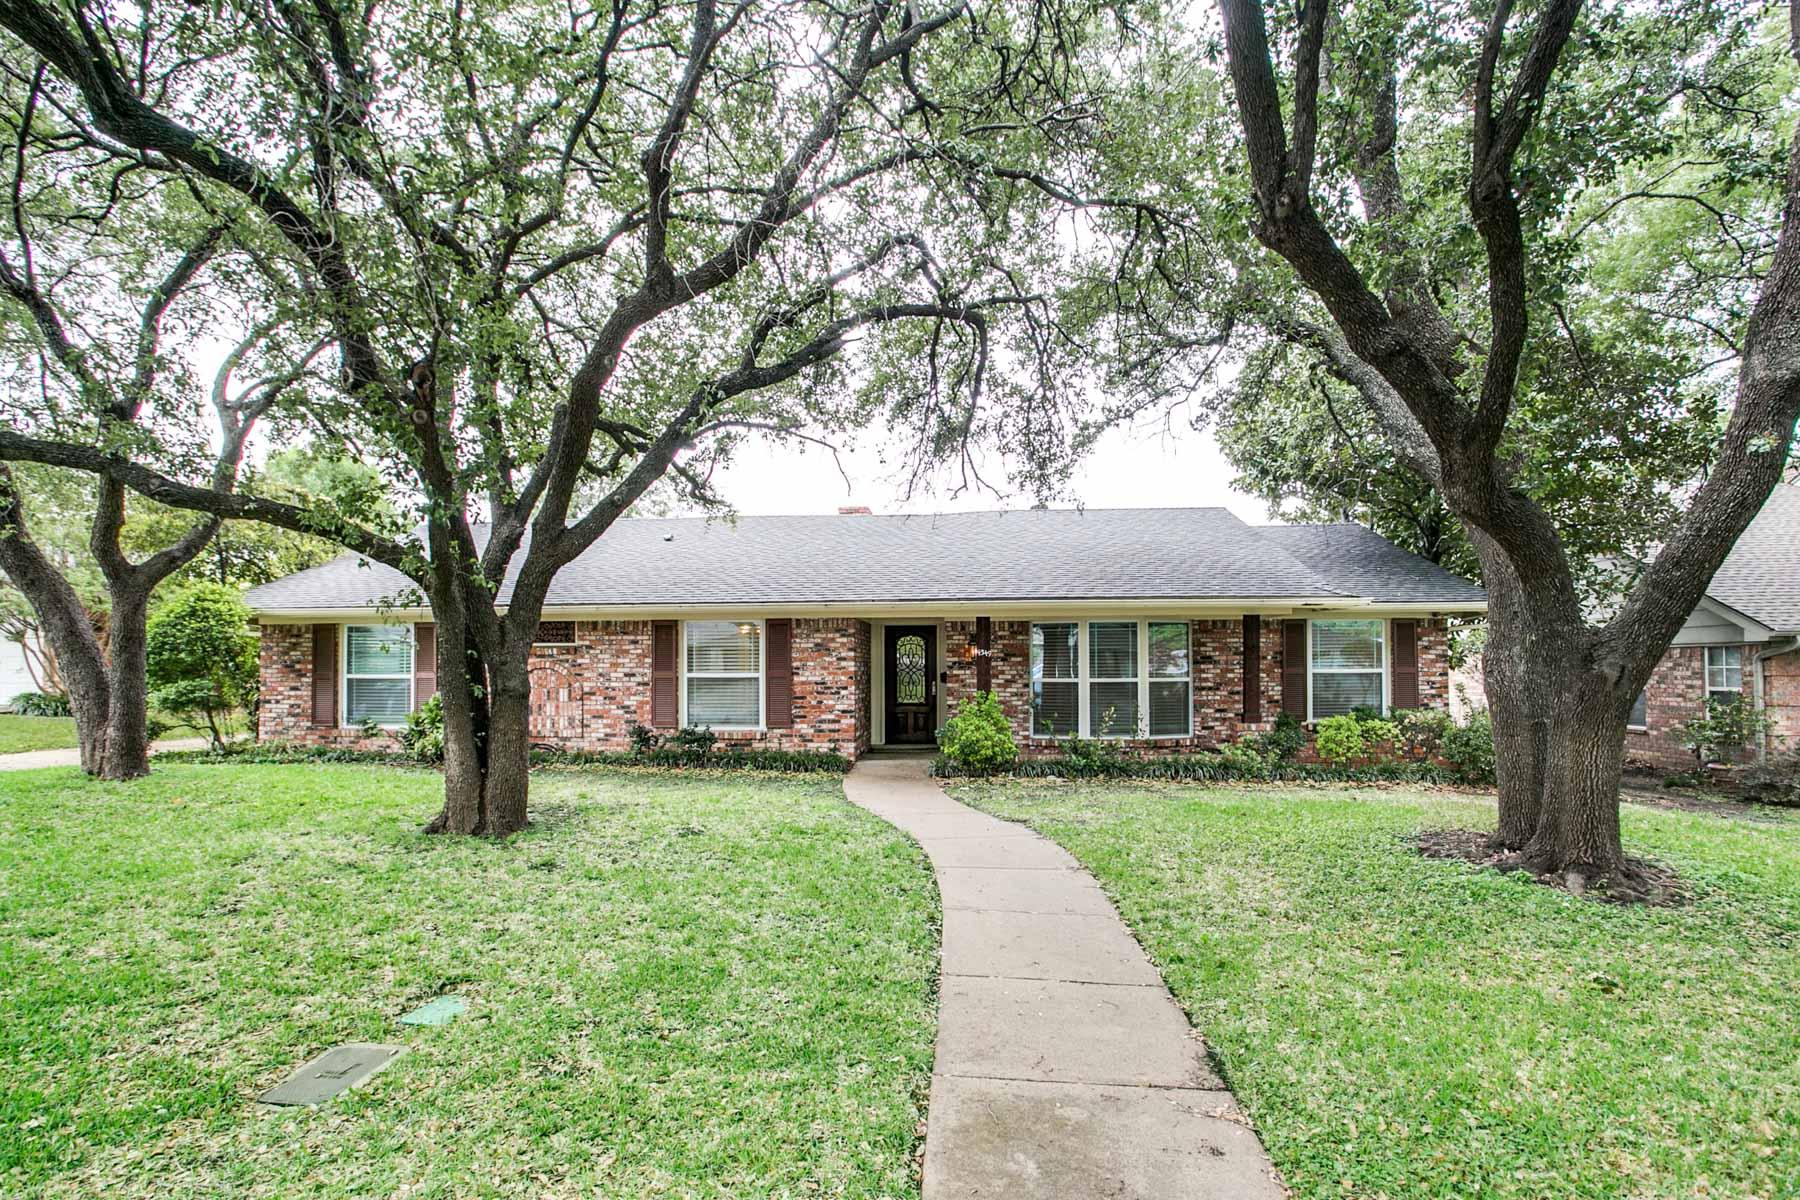 단독 가정 주택 용 매매 에 4349 Whitfield Ave, Fort Worth Fort Worth, 텍사스, 76109 미국